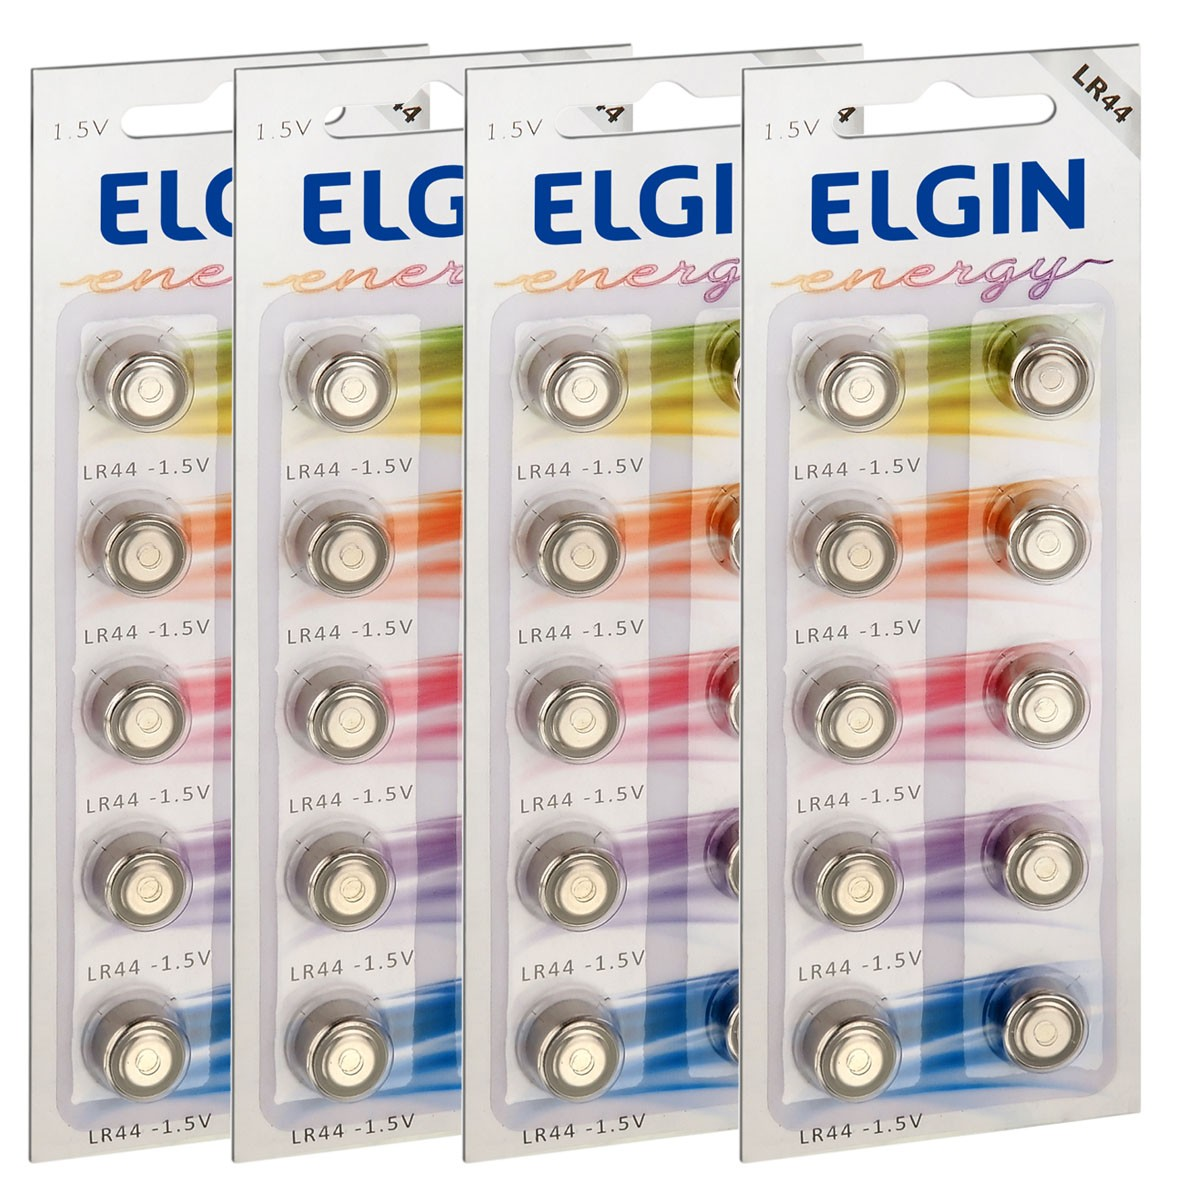 40 Pilhas Baterias LR44 A76 AG13 Alcalina ELGIN 4 cartelas